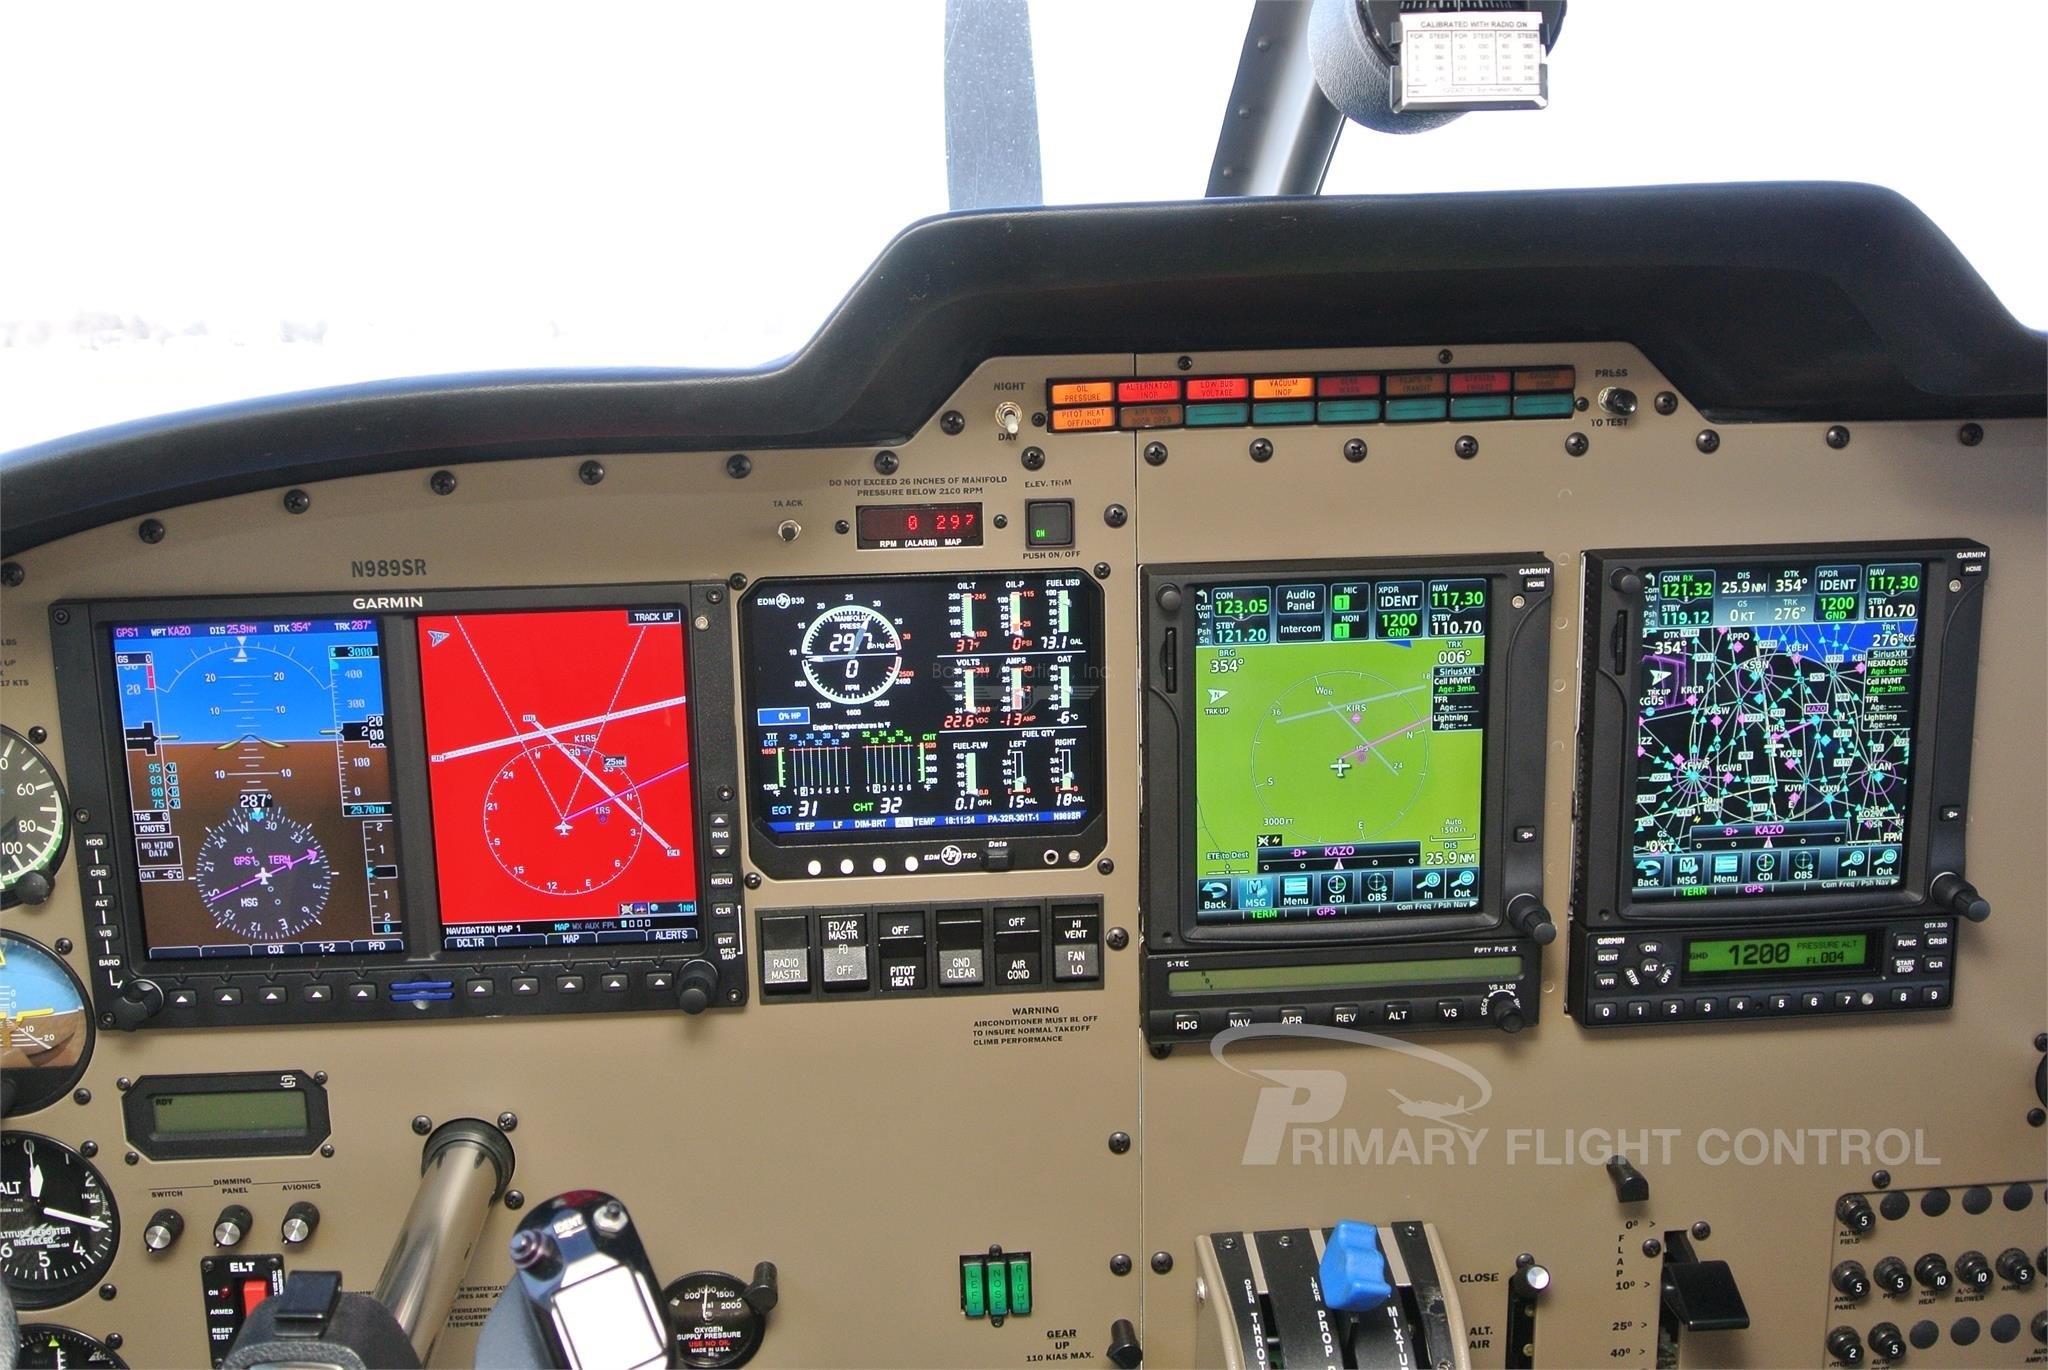 2002 Piper PA-32R-301T Saratoga II TC